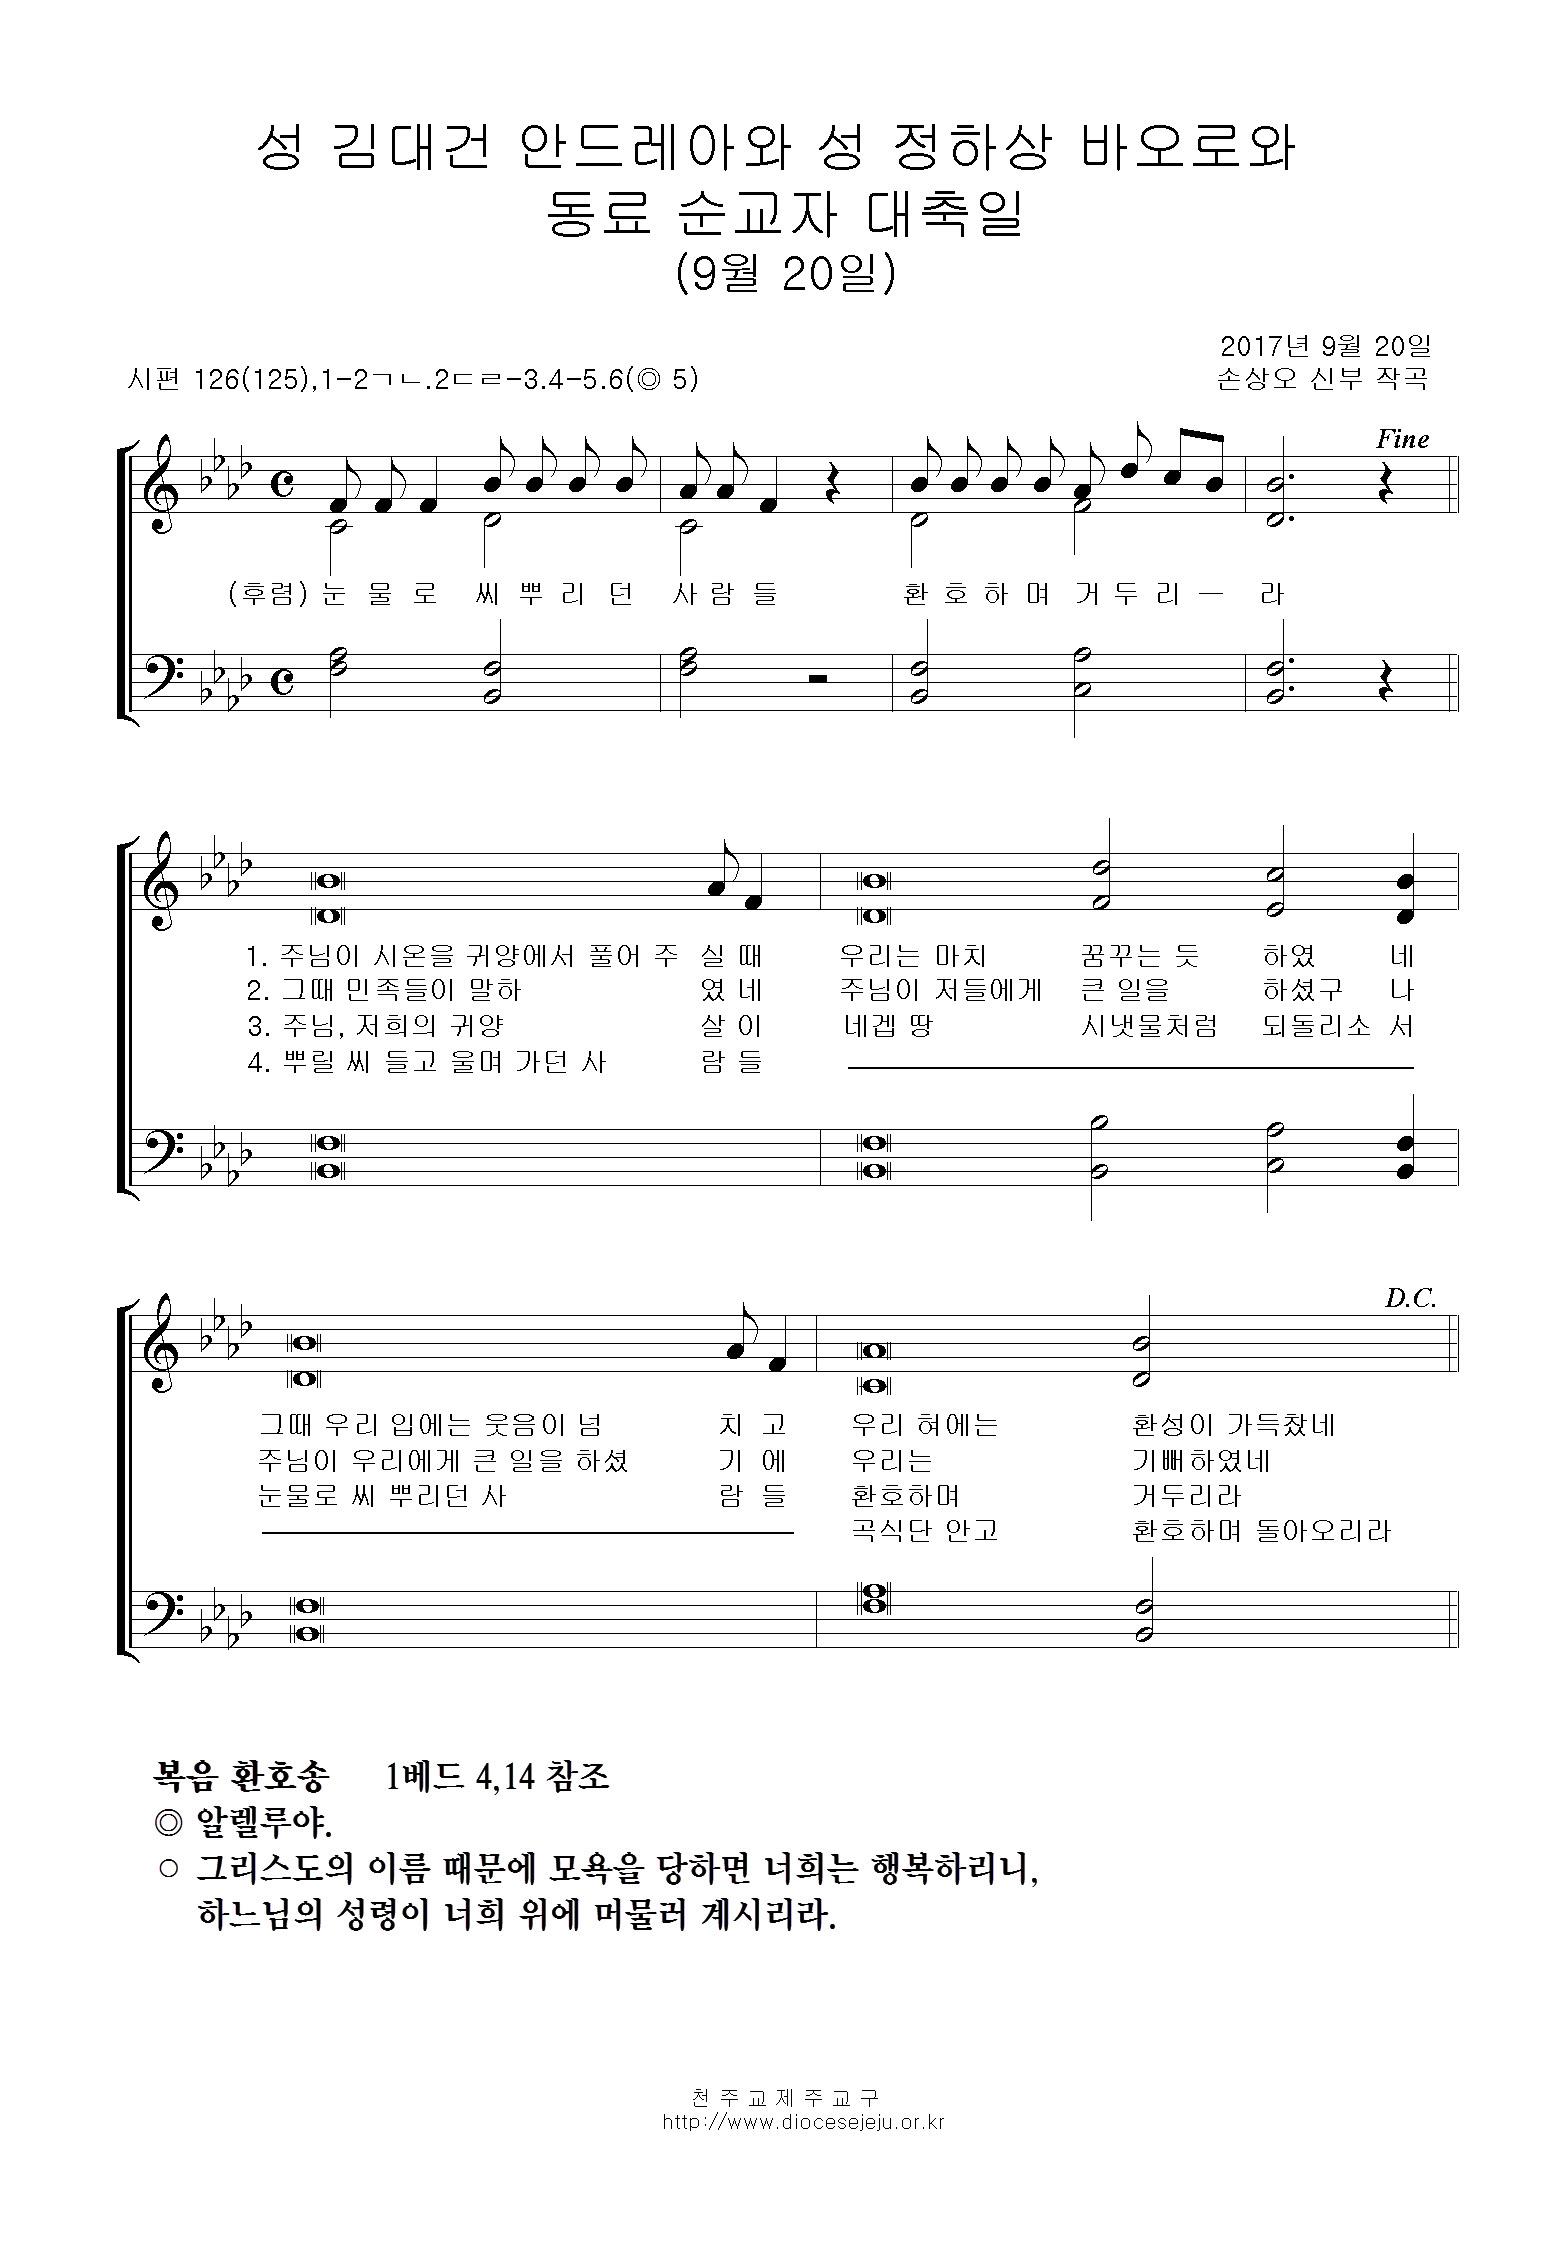 20170920-김대건안드레아와 동료순교자(공통).jpg